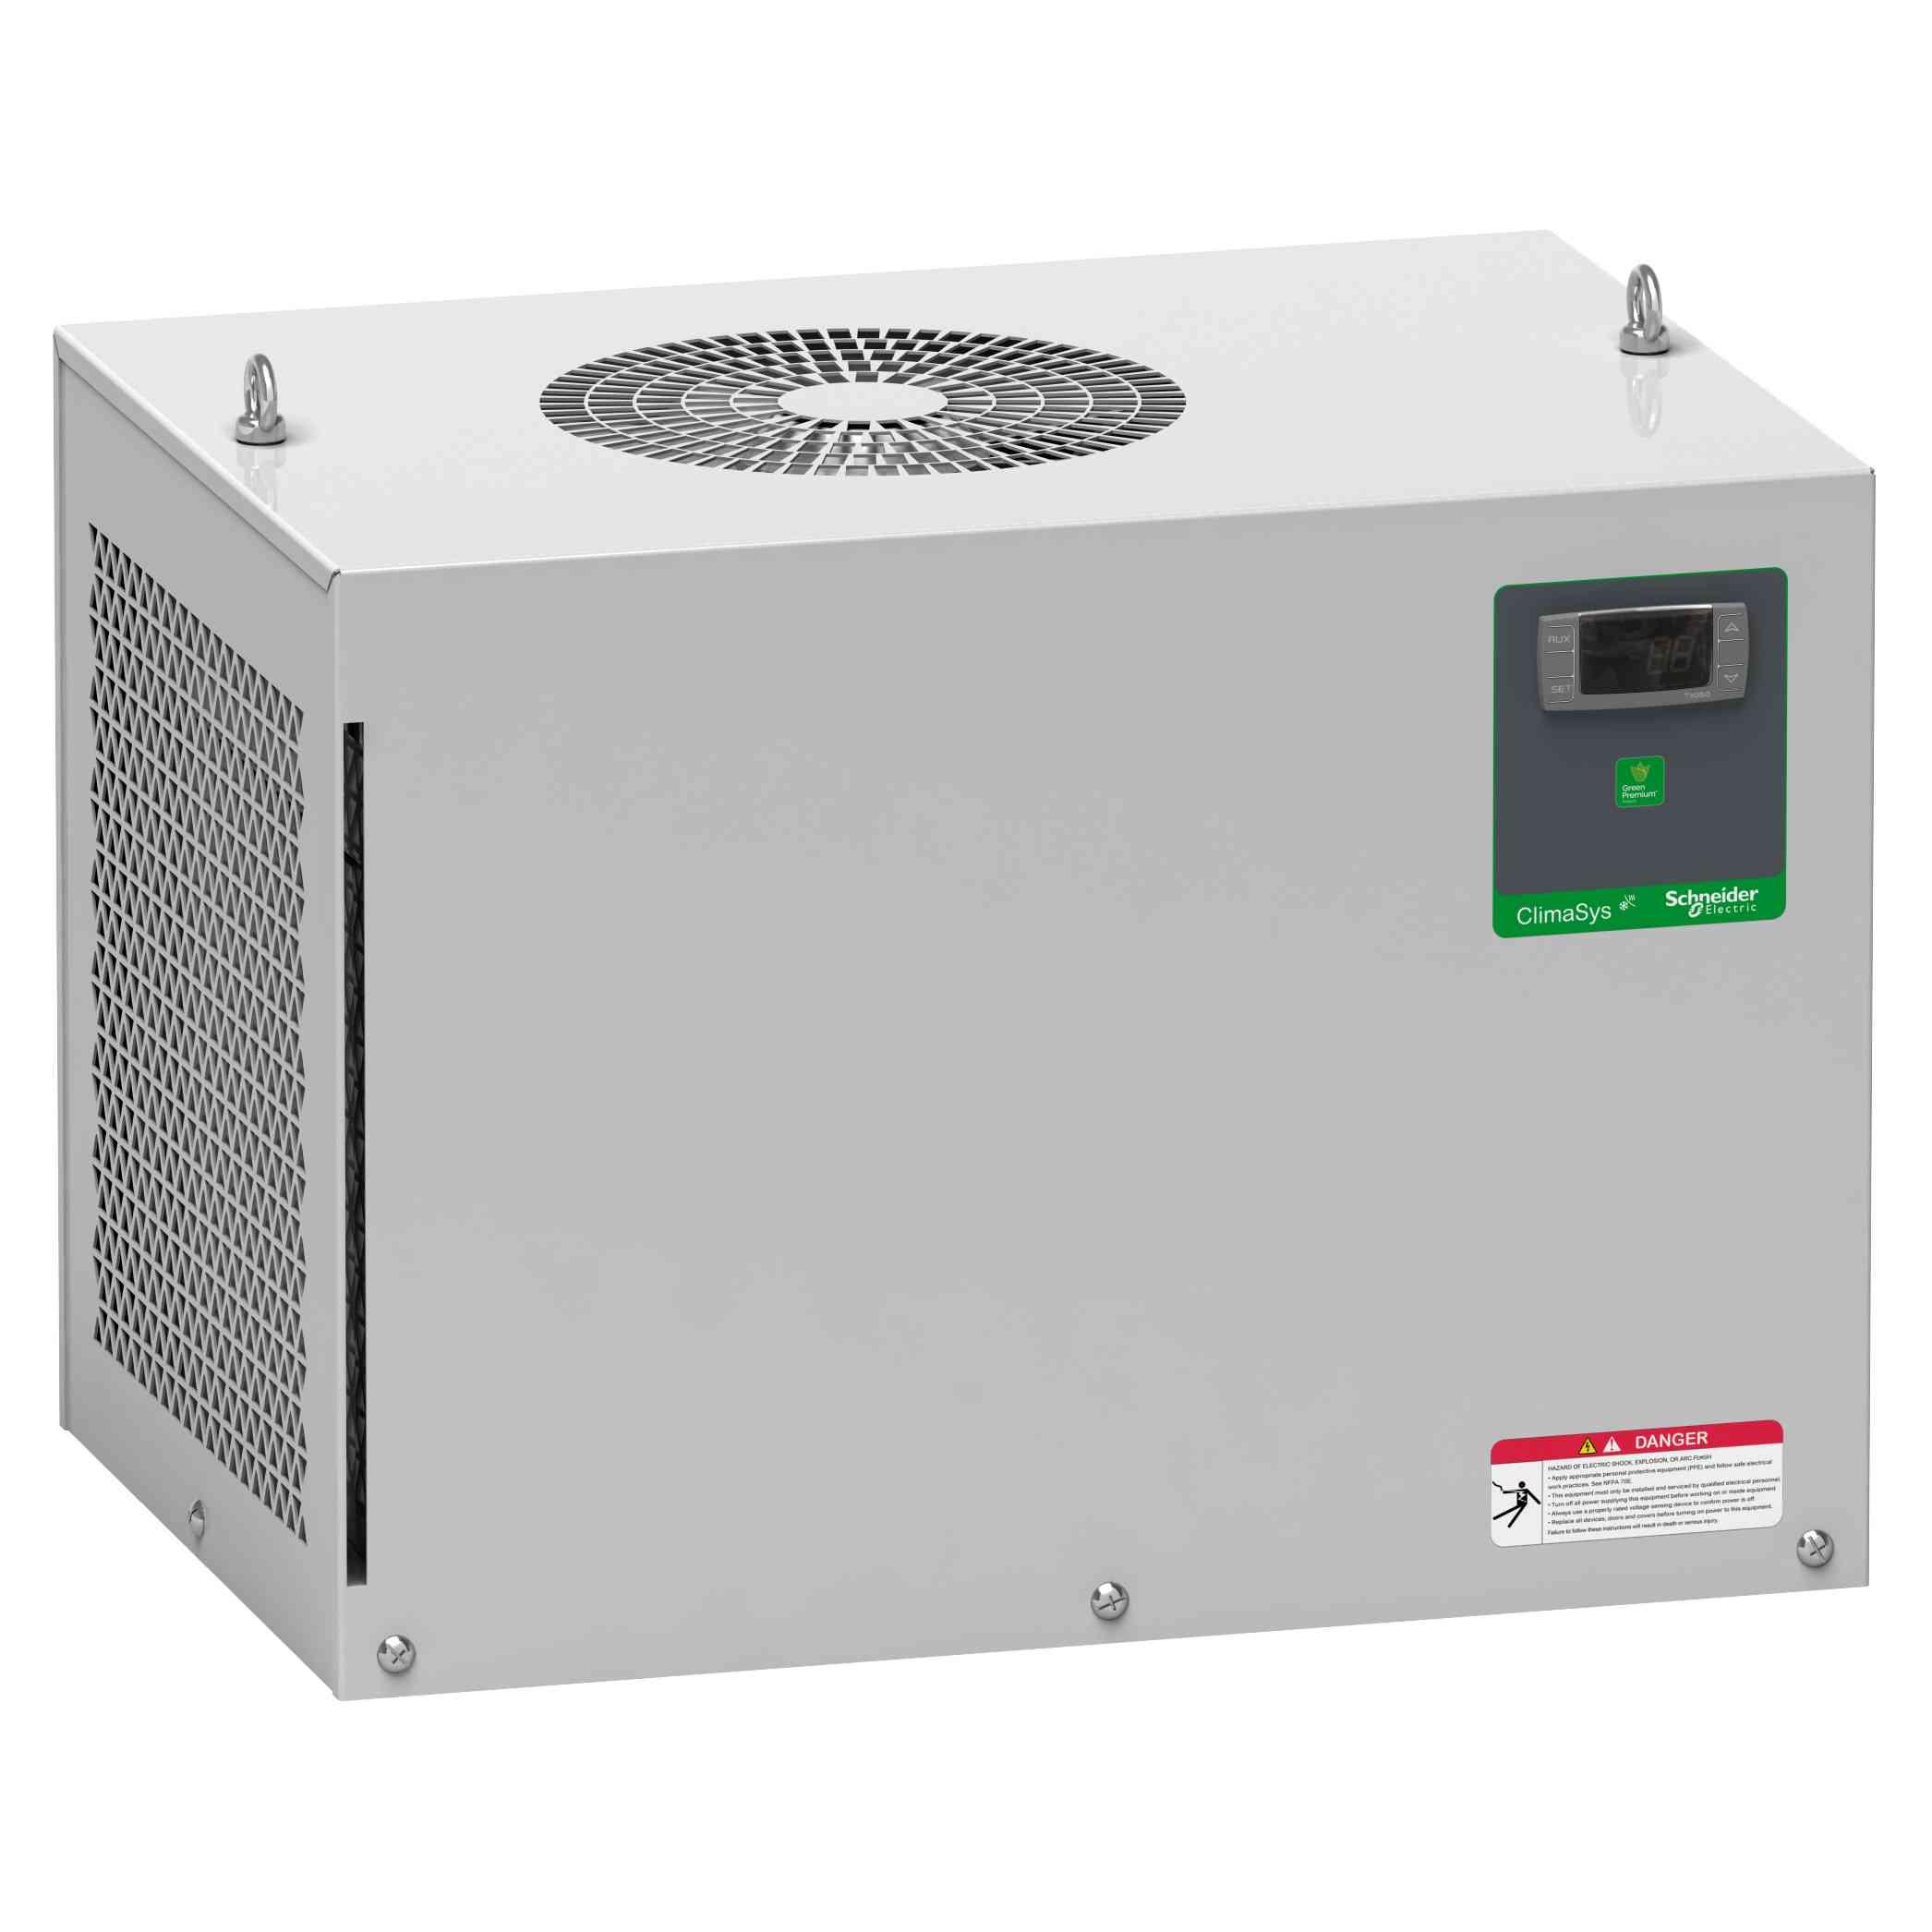 Standardna hladilna enota ClimaSys na vrhu omare - 2050 W pri 400 V